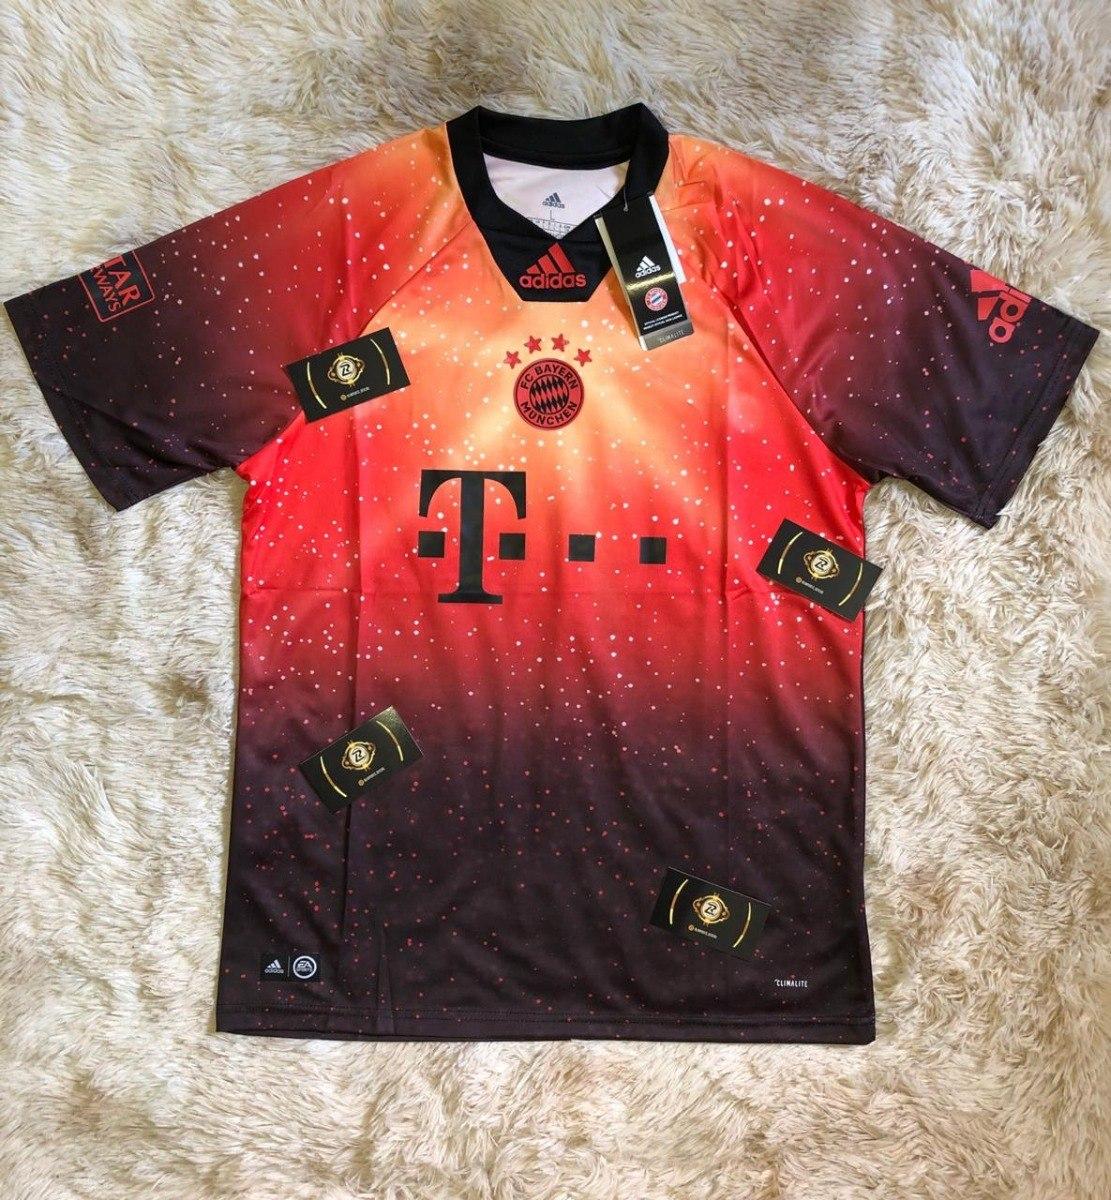 Camisa Do Bayern De Munique Oficial 2018 Modelo Fifa Compre - R  160 ... 3a1cf85ca7668